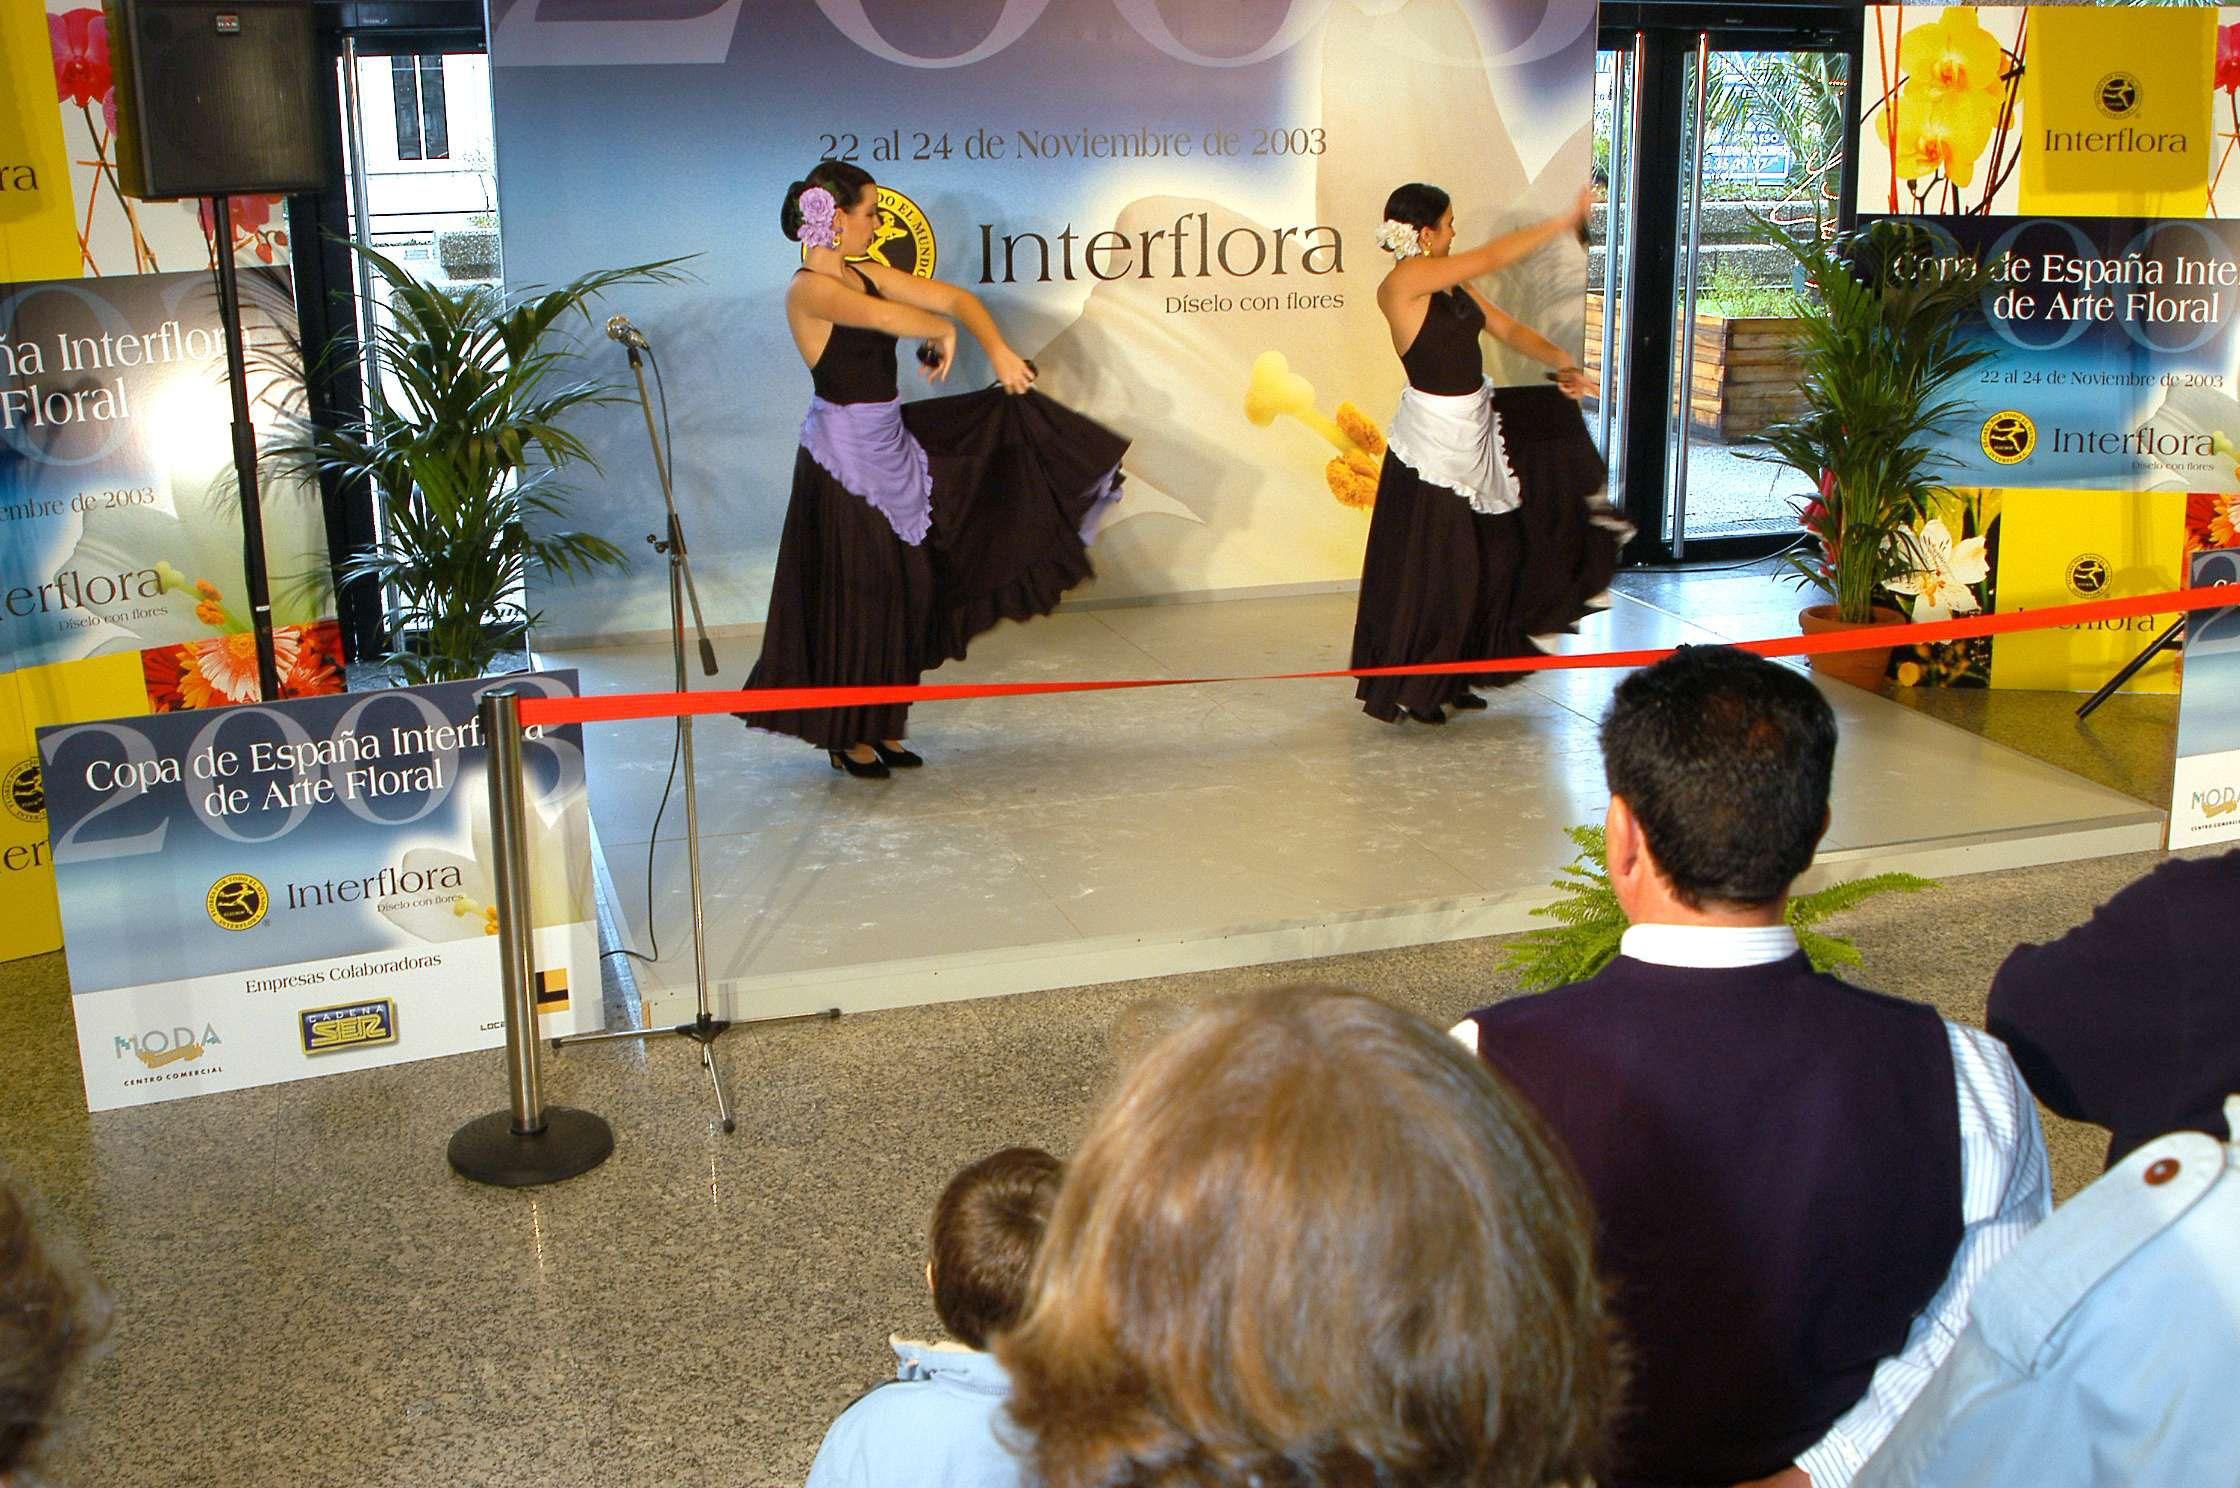 Decoraciones Expo Stands S L : Servicios publicitarios verex s l